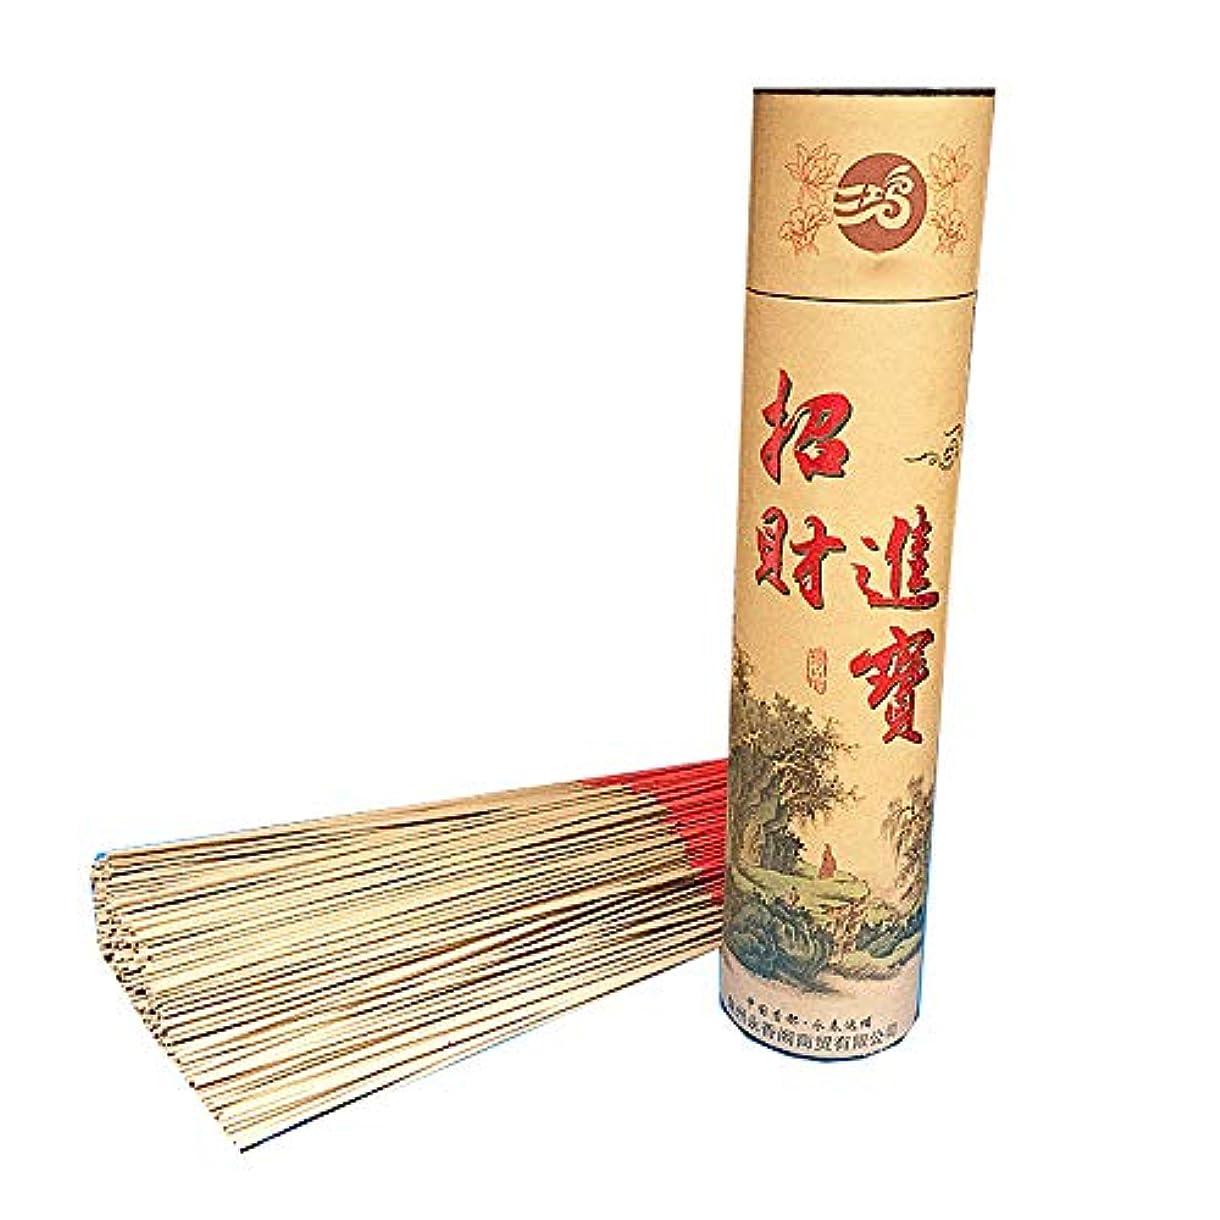 注文メロン記念ZeeStar チャイニーズジョススティック 無香 香料 香りなし 香りつき 香りつき ジョススティック 13インチ(480本)